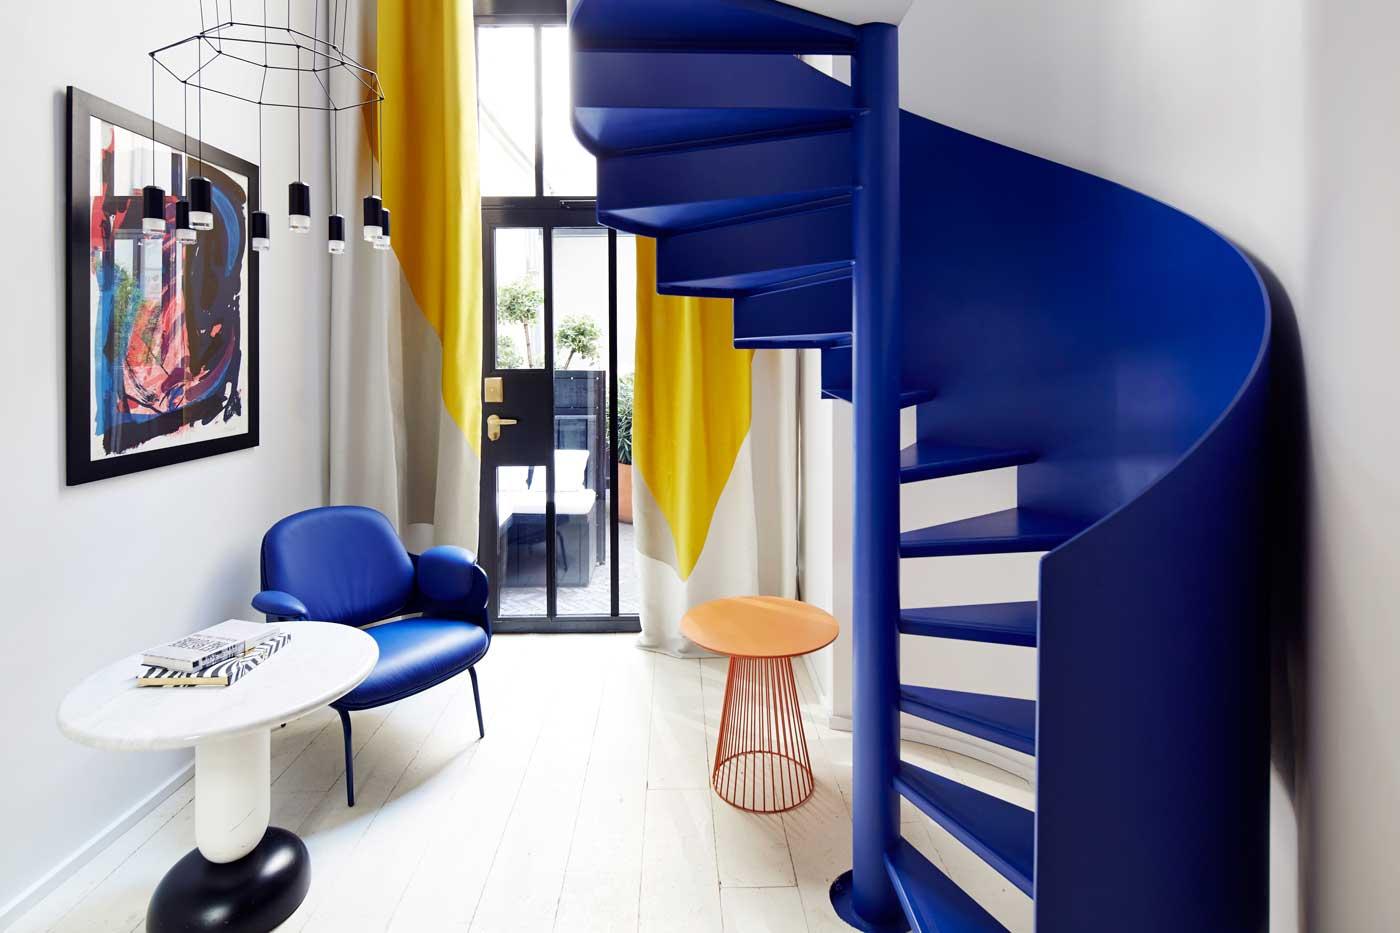 hotel du ministere 06 2015 54597 residences decoration magazine. Black Bedroom Furniture Sets. Home Design Ideas